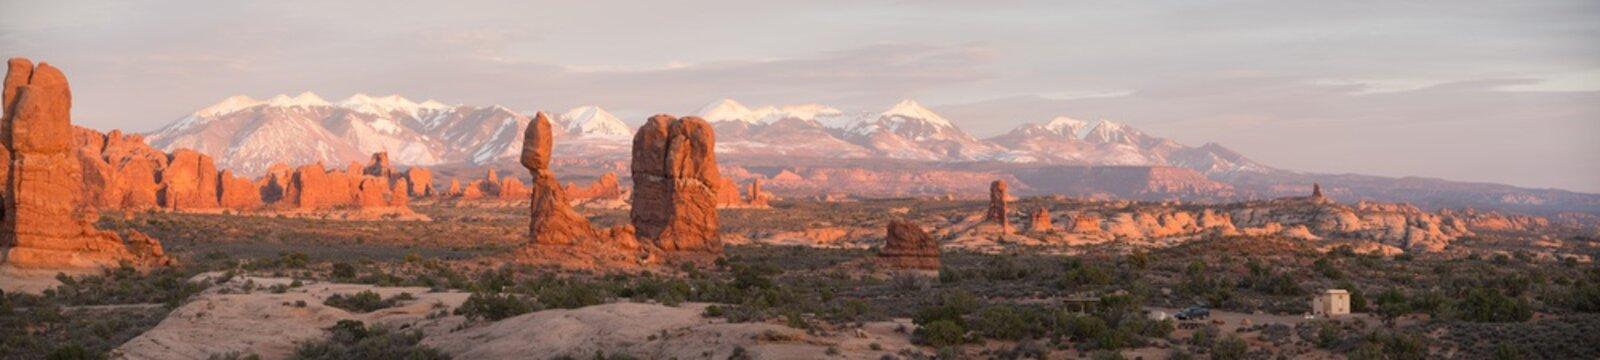 panorama balanced rock